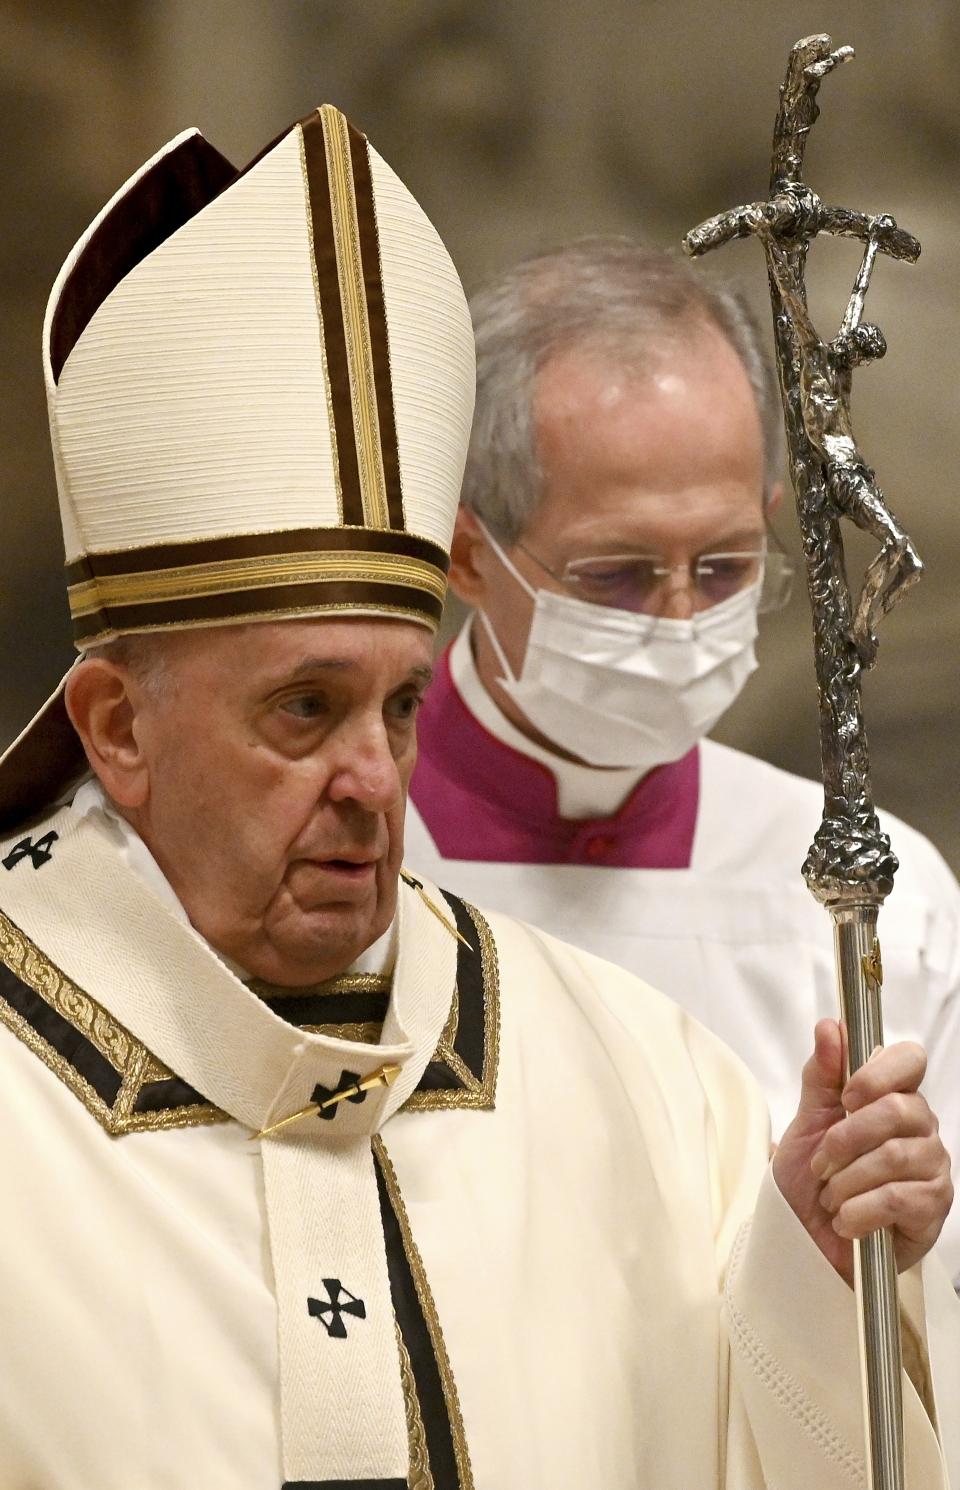 지난 12월 24일(현지시각) 크리스마스이브 미사 접전을  위해 바티칸 성 베드로 성당에 도착한 프란치스코 교황.  ⓒ뉴시스·여성신문